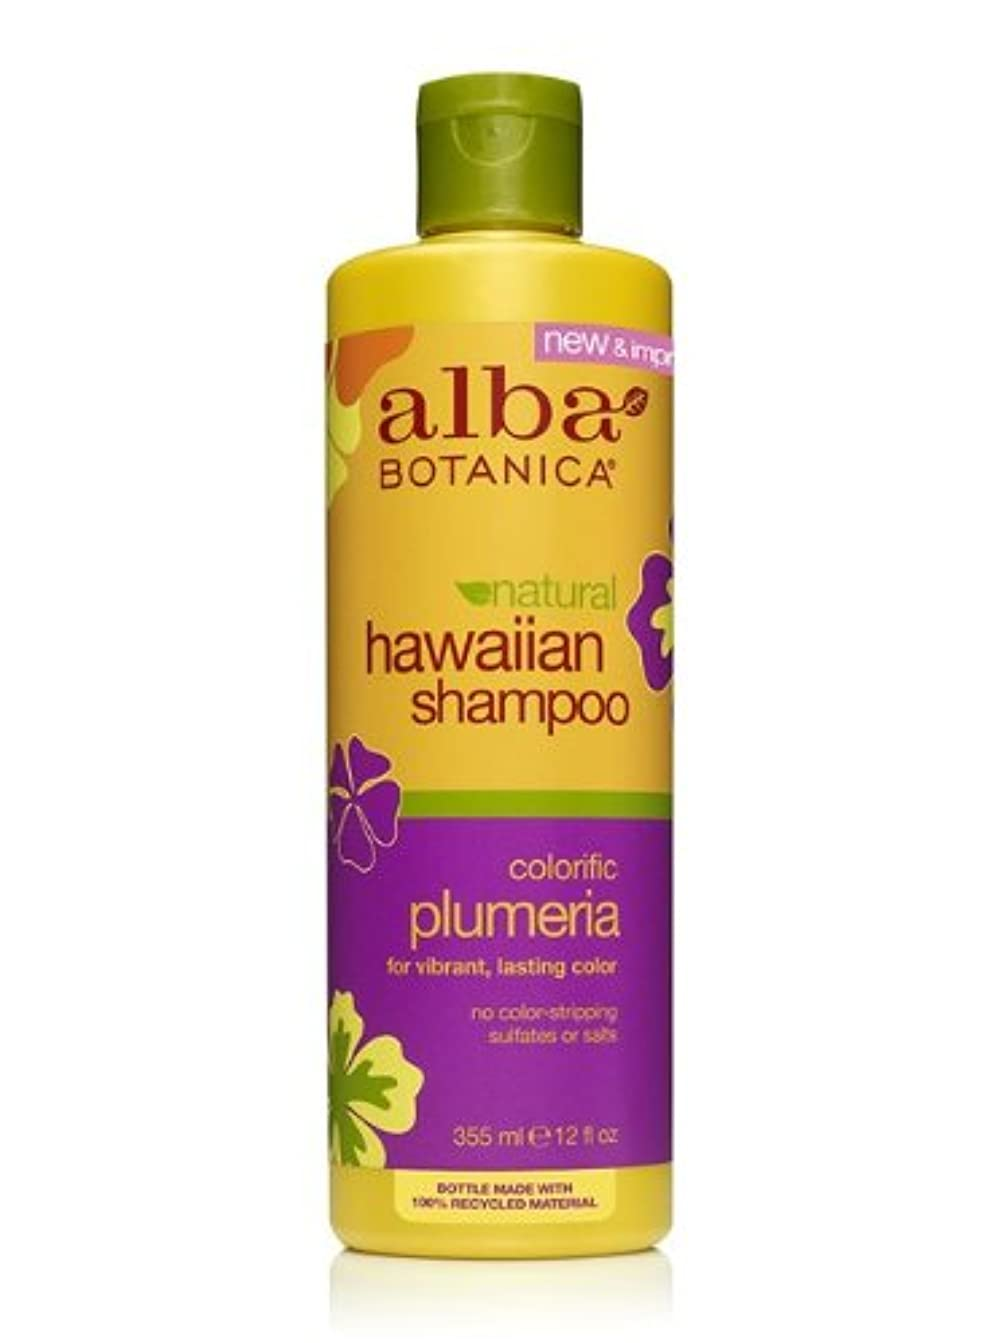 適切な王室含意alba BOTANICA アルバボタニカ ハワイアン シャンプー PL プルメリア